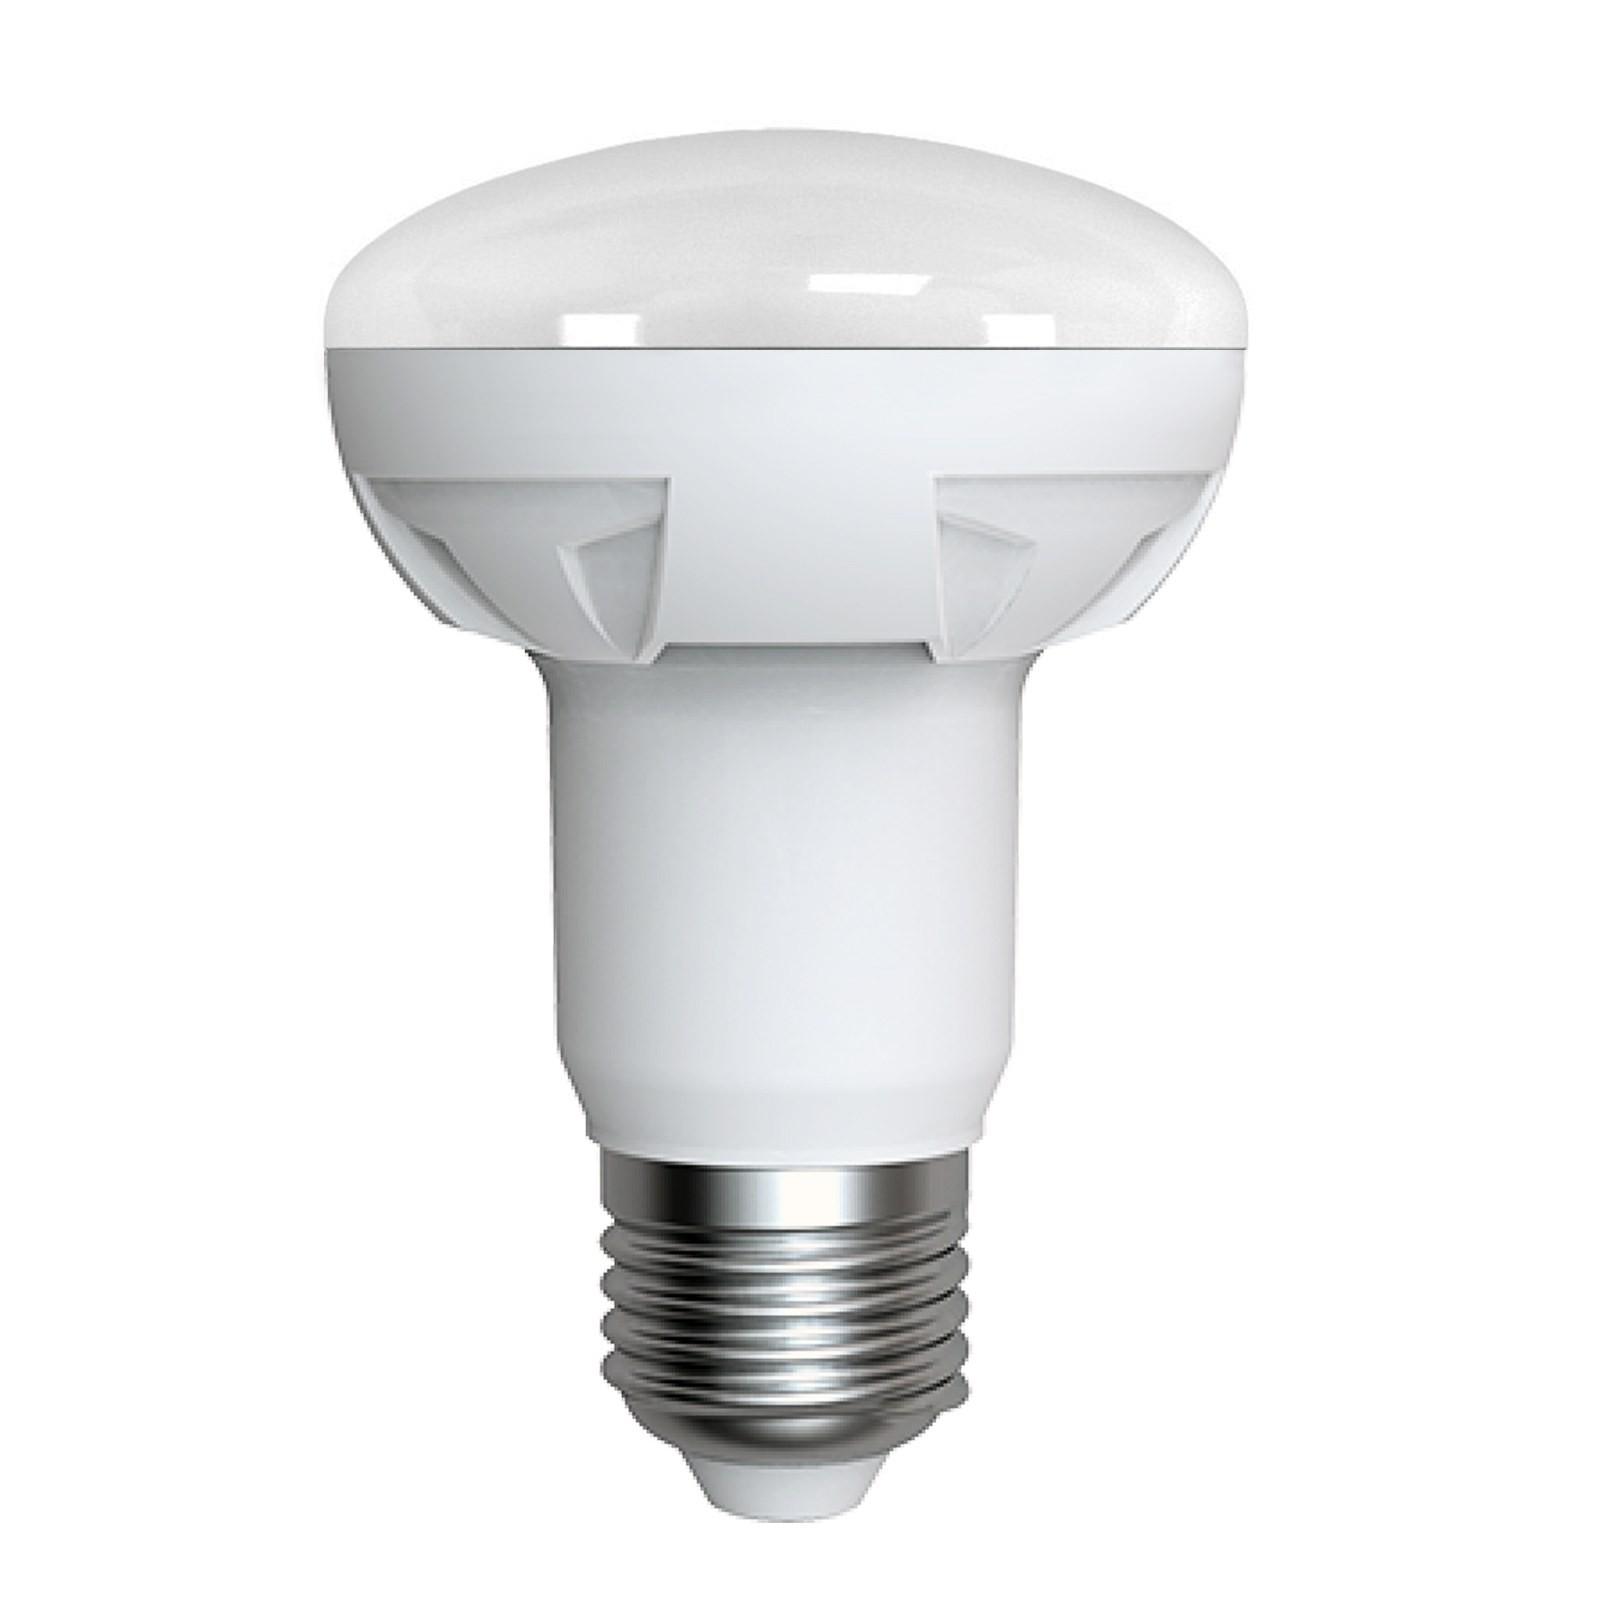 Lampada led lampadina attacco e27 luce bianca calda r63 for Luce bianca led